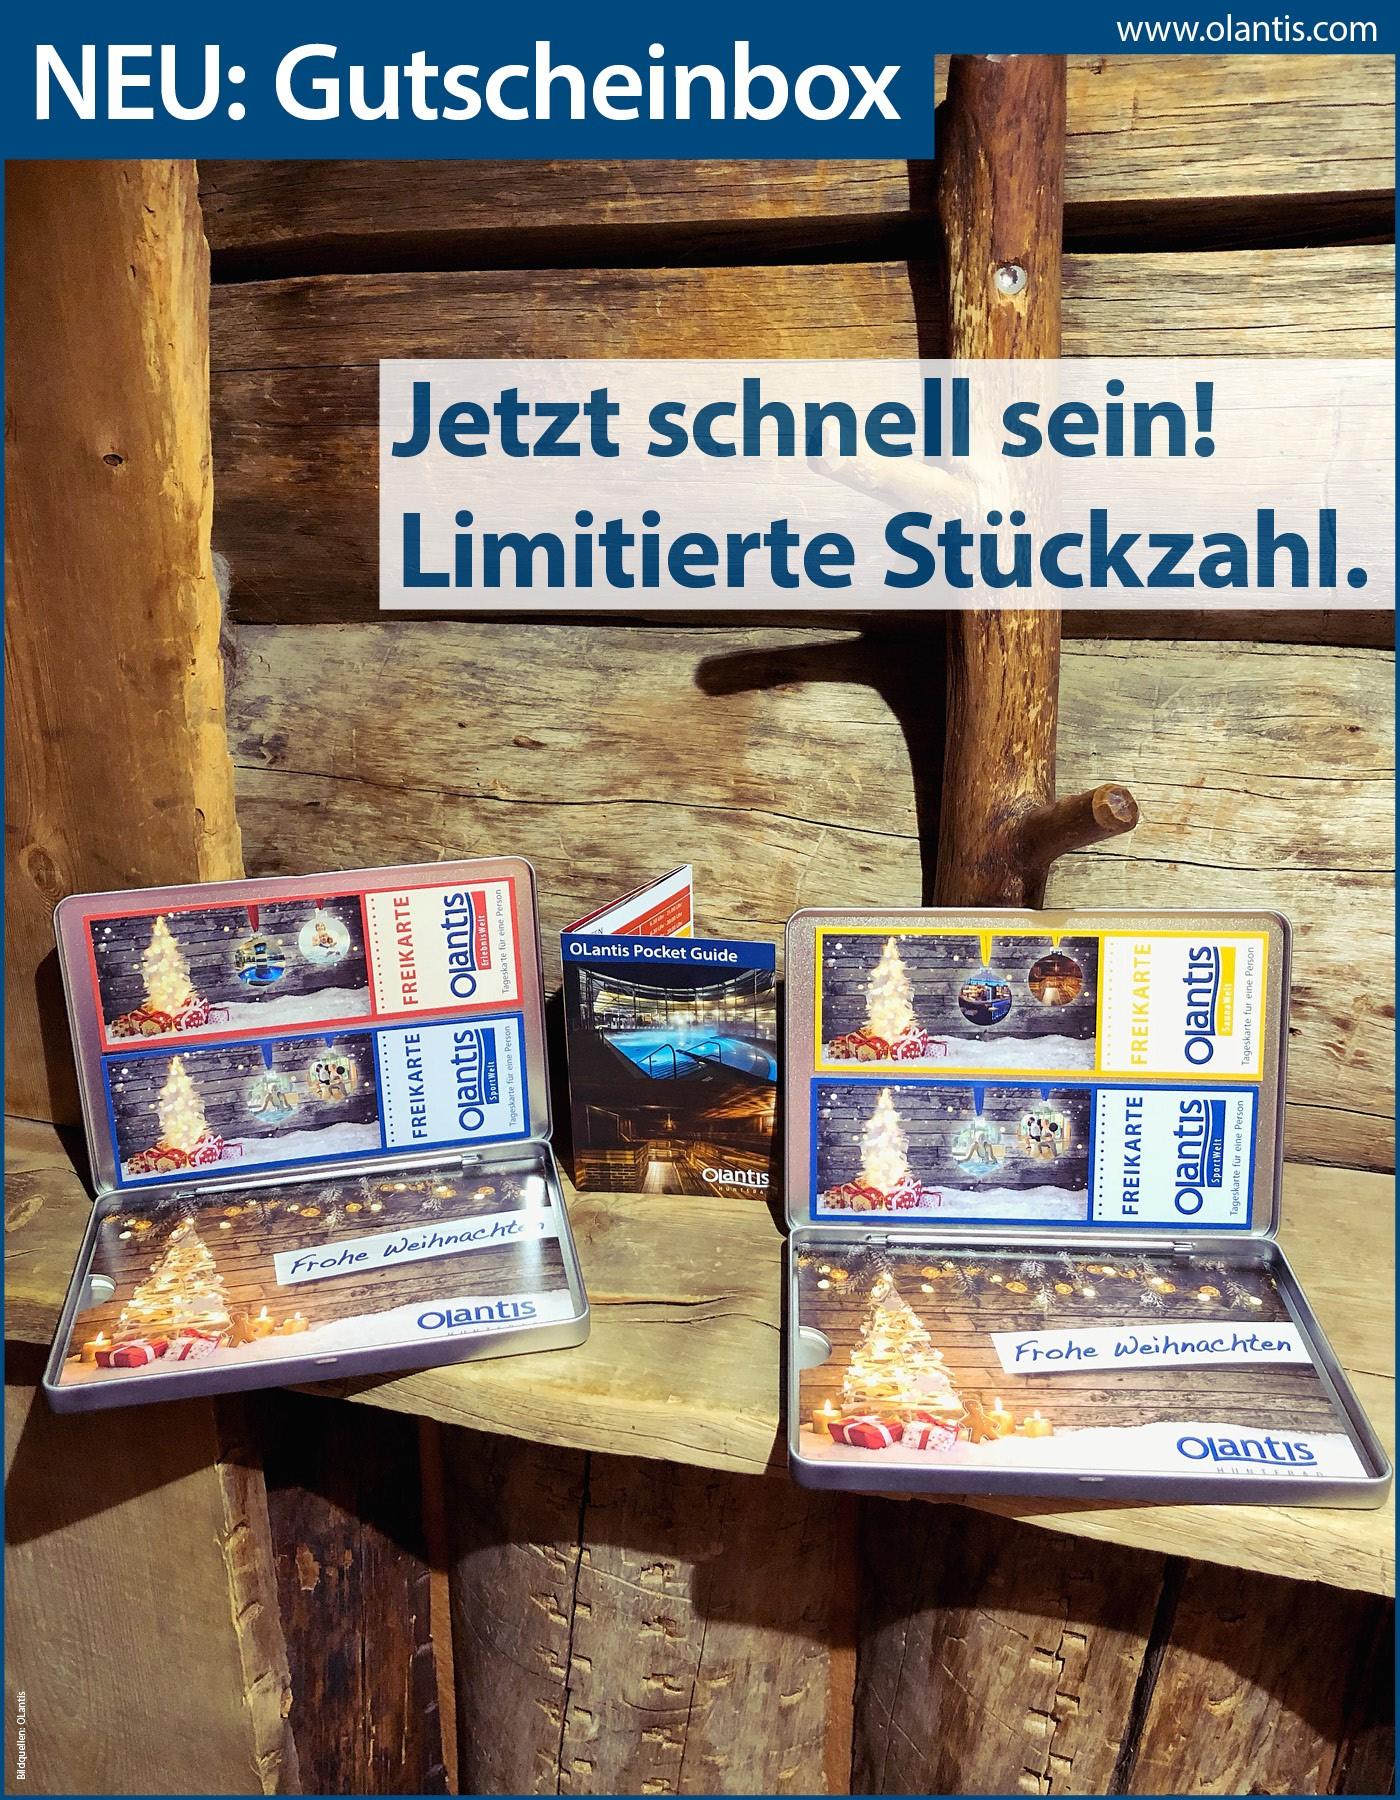 OLantis Sauna Geschenk-Set